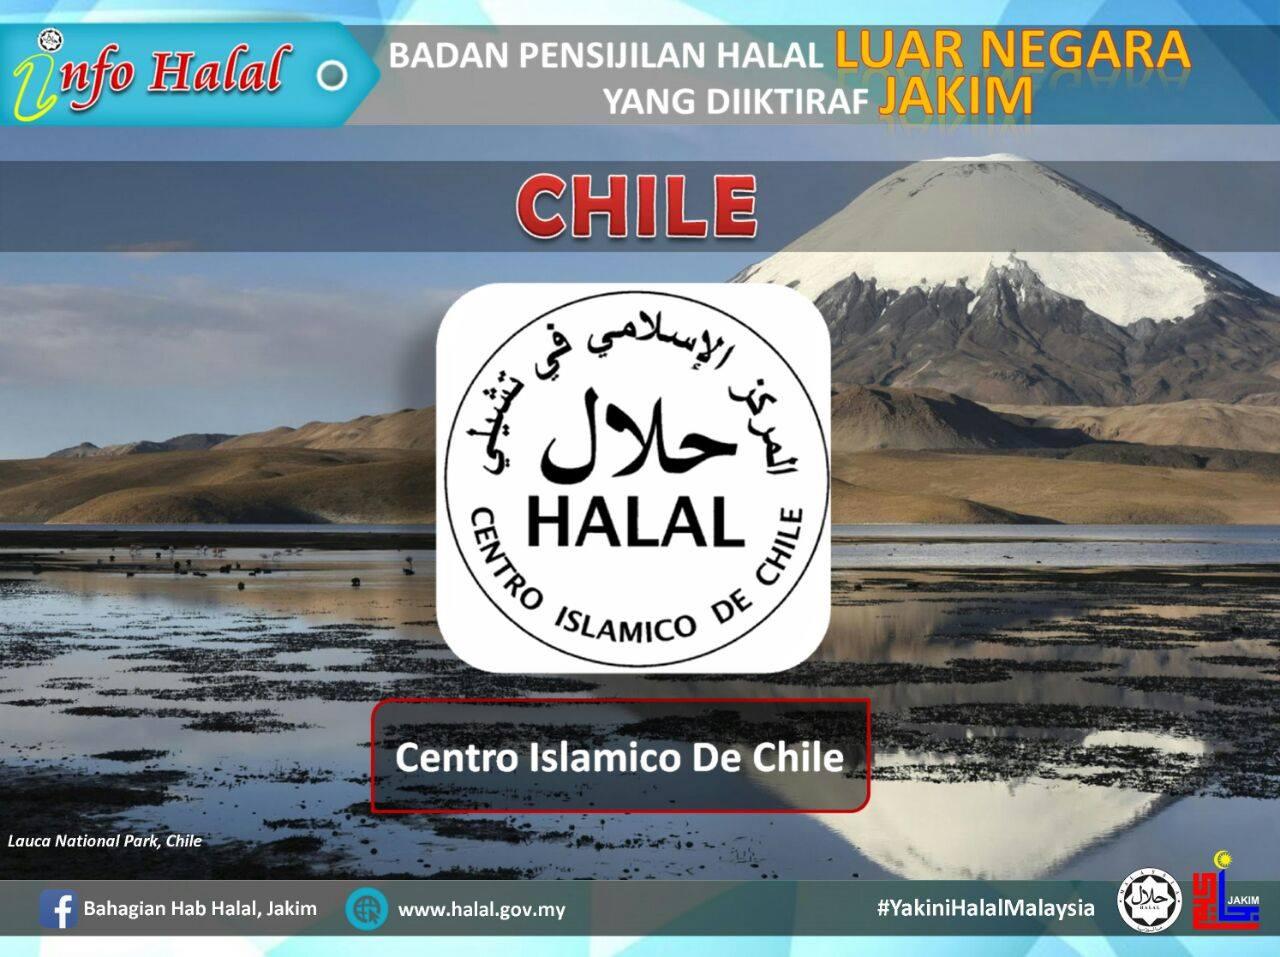 logo halal chile